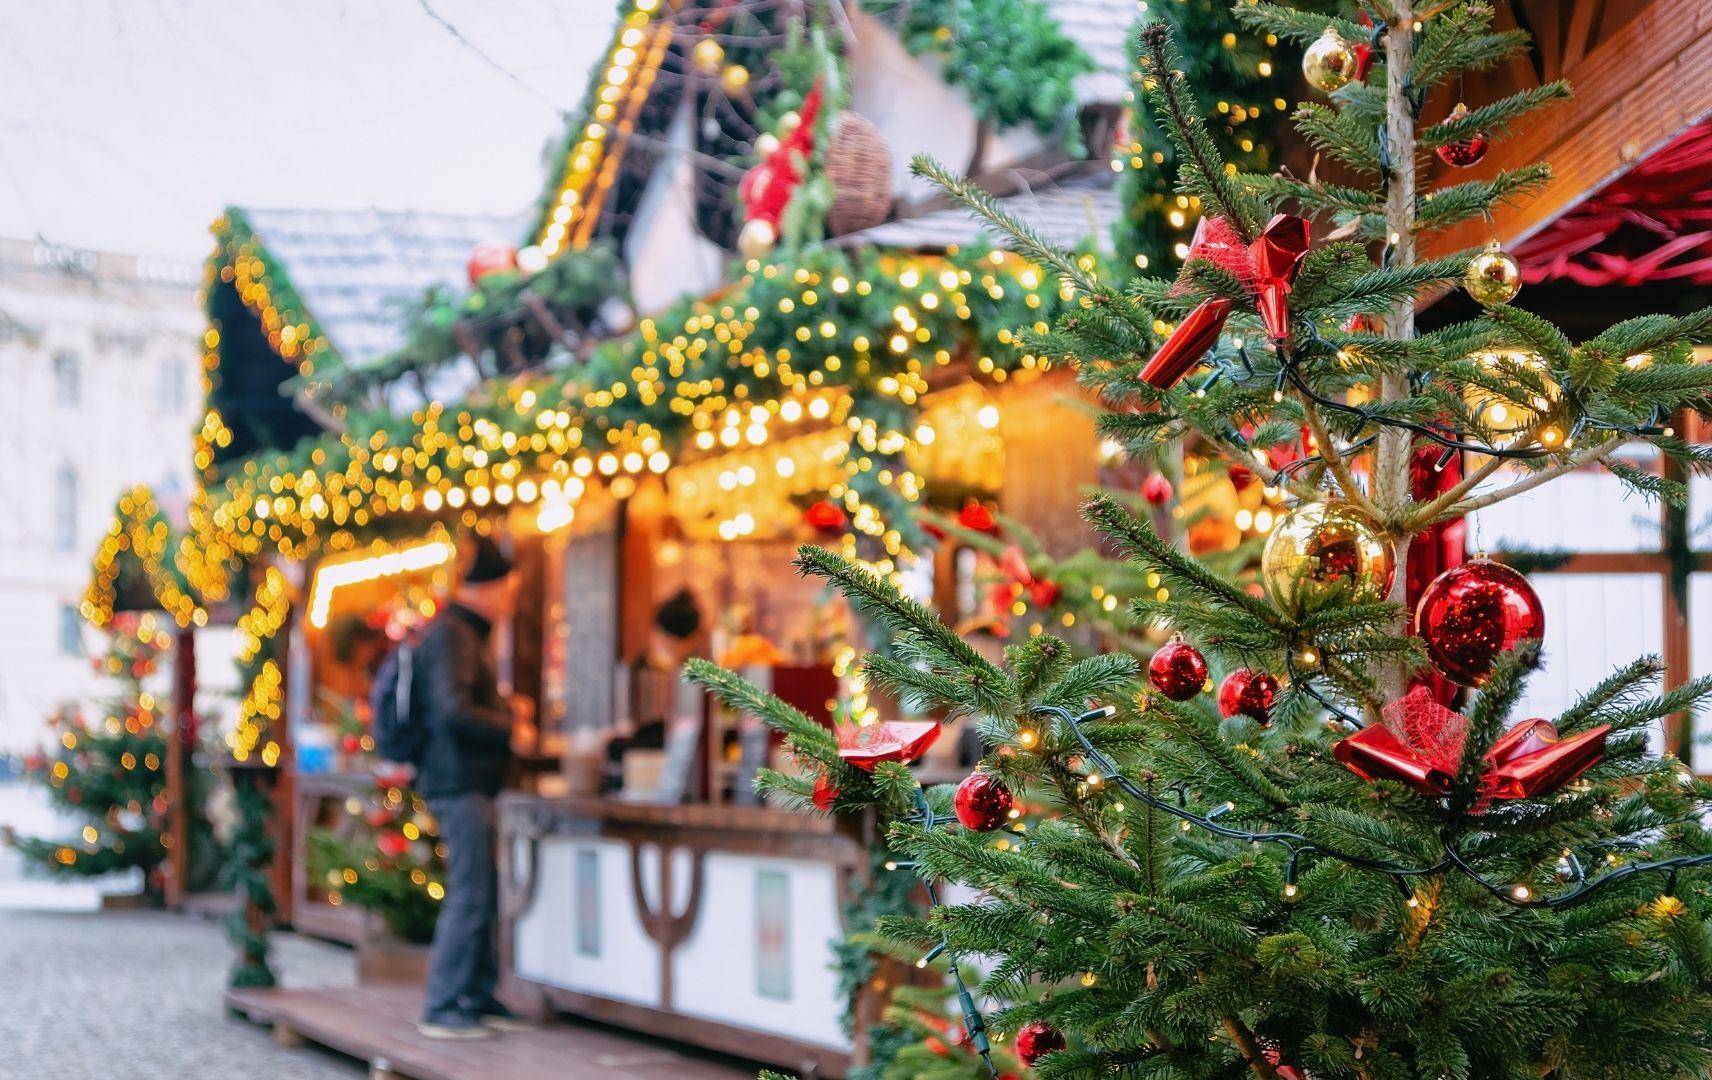 Weihnachten - Weihnachtsmarkt Hütte